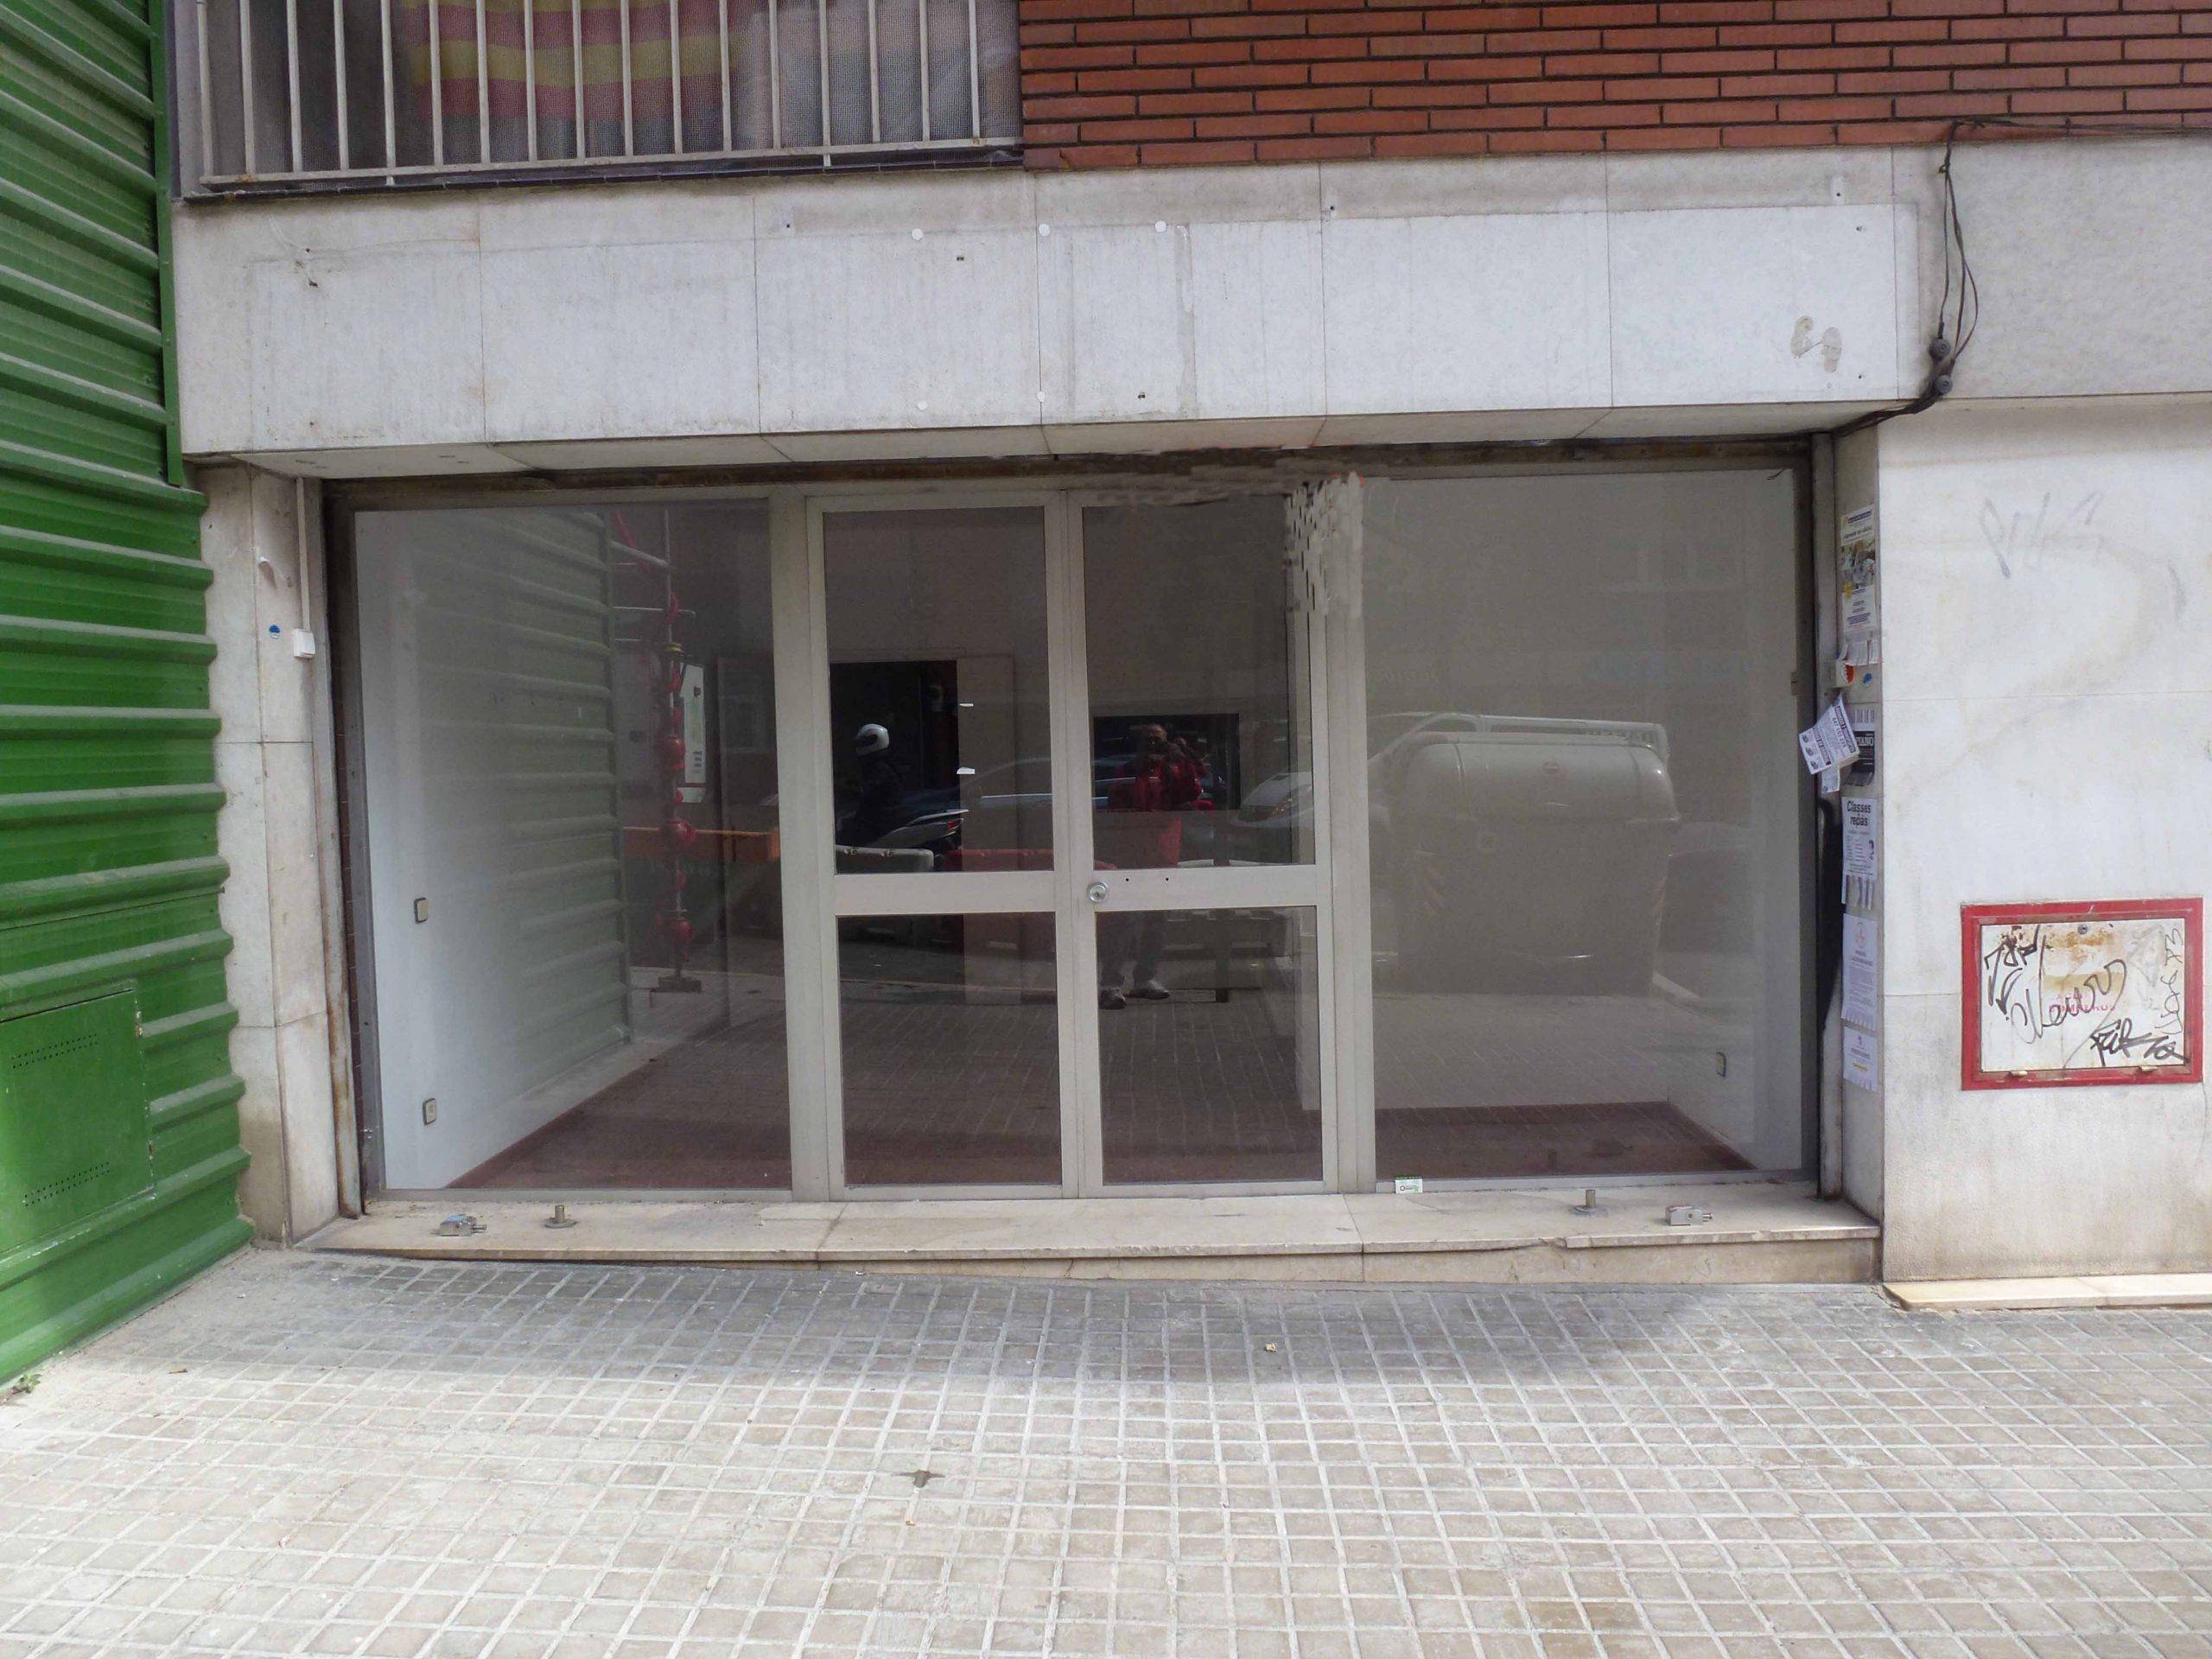 (jb 056) Local a peu de carrer, situat al carrer Escorial.